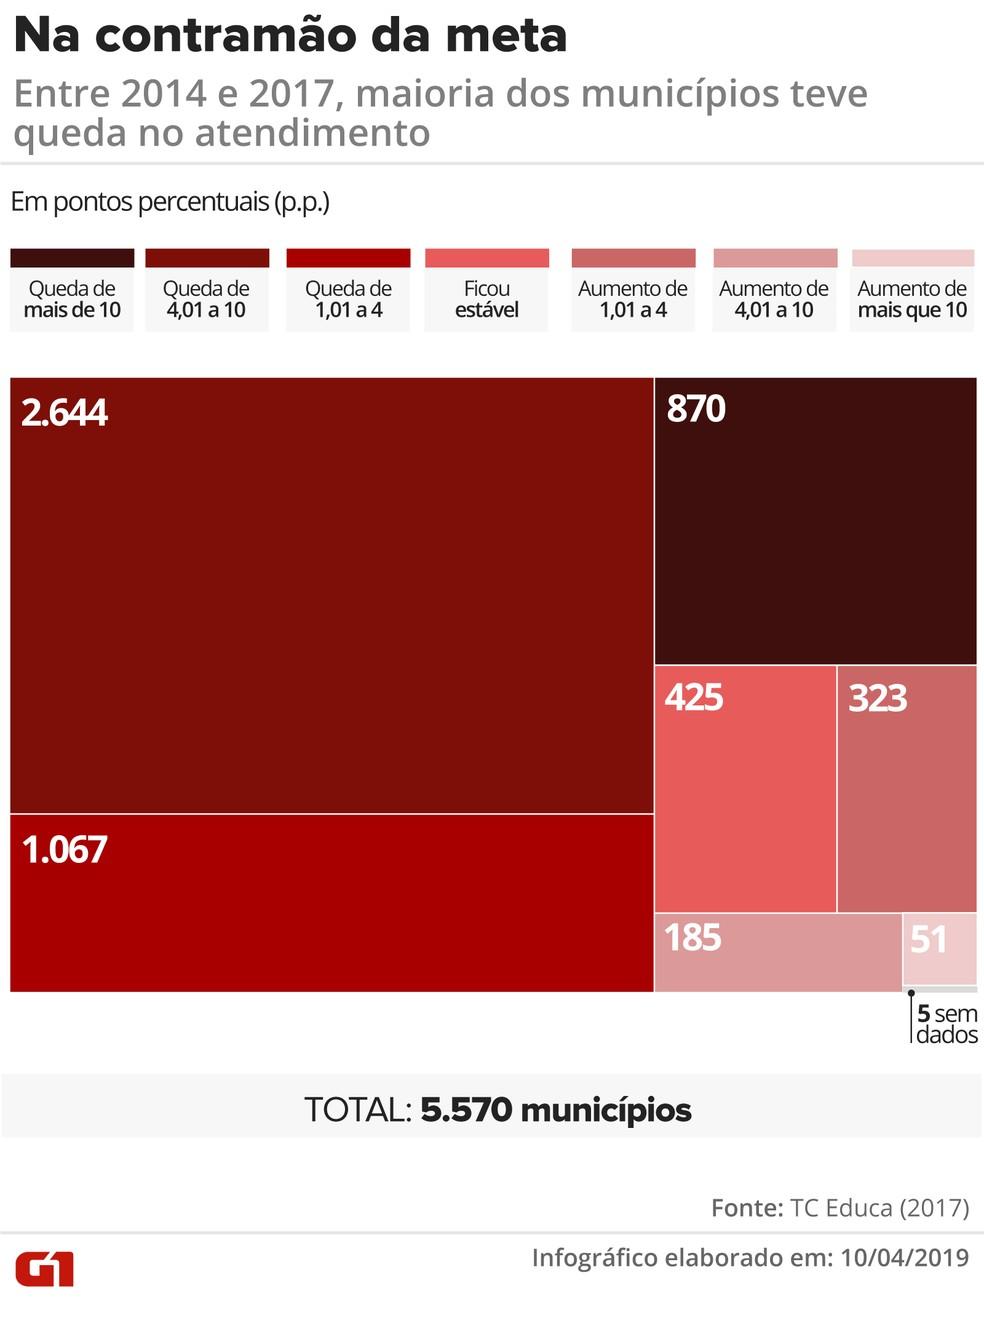 Dos 5.565 municípios com dados disponíveis, 4.817 estão indo na contramão da meta, porque apresentaram queda no índice de atendimento — Foto: Juliane Monteiro/G1